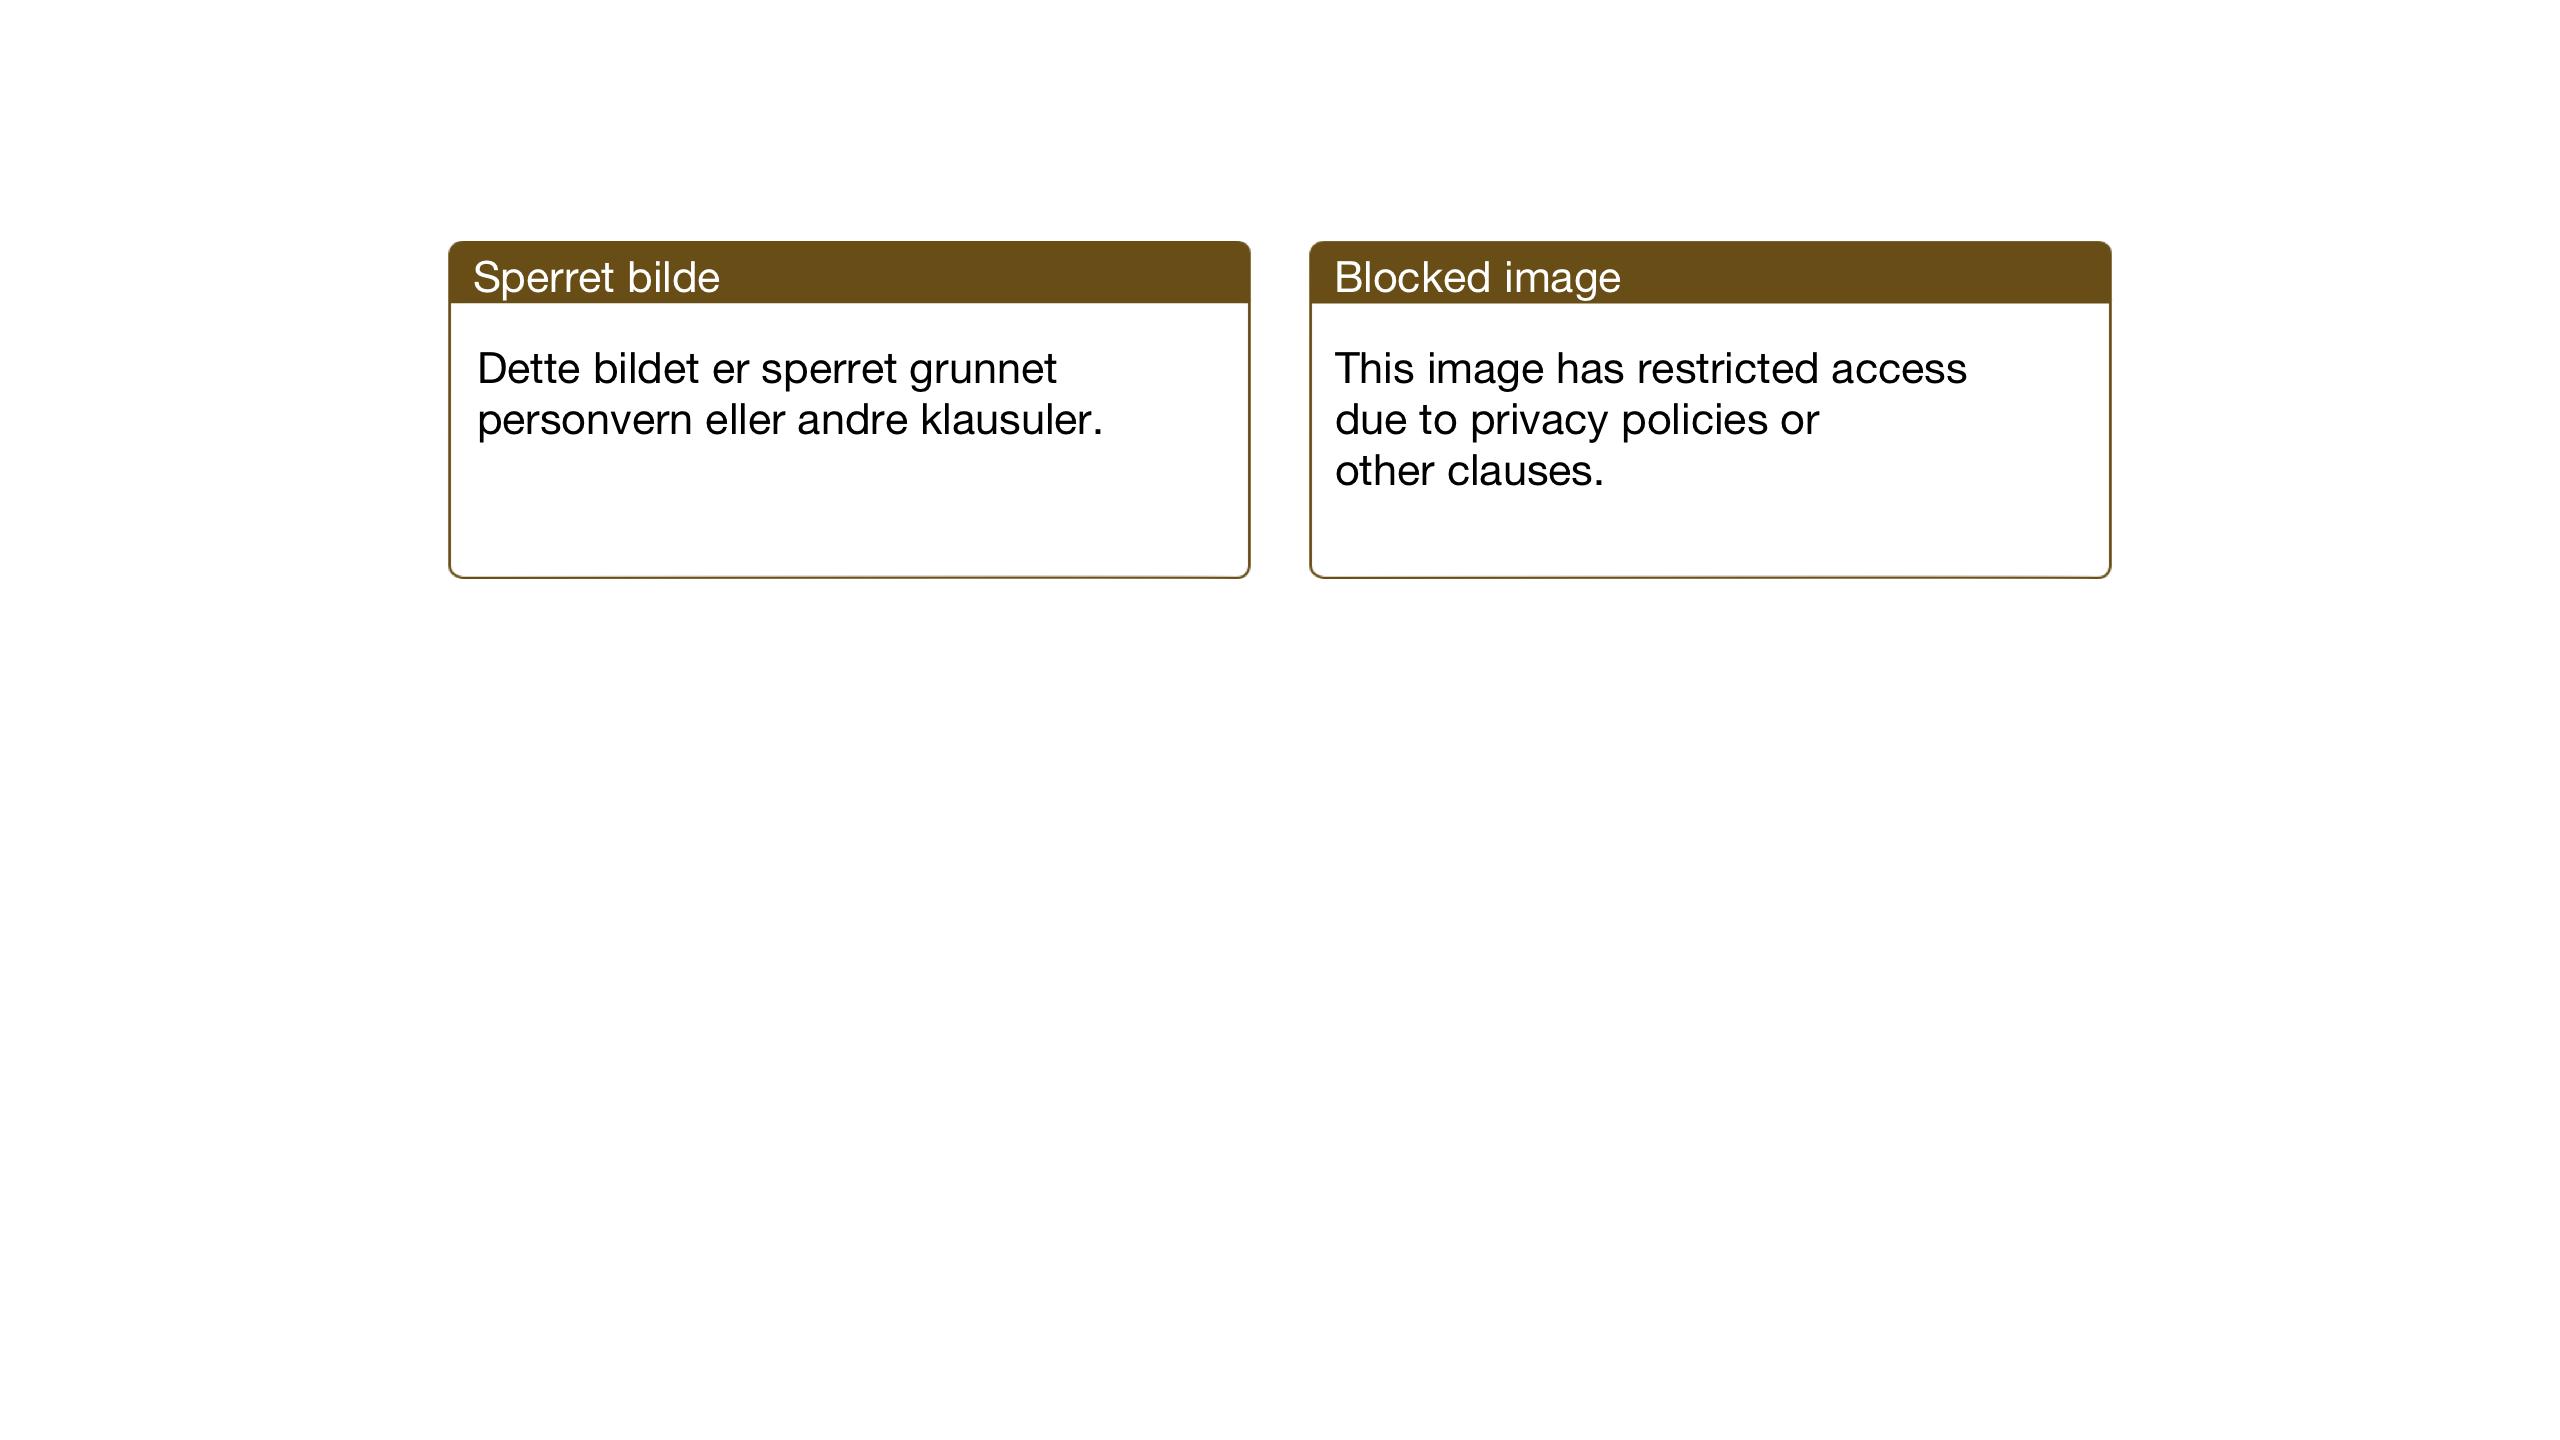 SAT, Ministerialprotokoller, klokkerbøker og fødselsregistre - Sør-Trøndelag, 657/L0718: Klokkerbok nr. 657C05, 1923-1948, s. 82